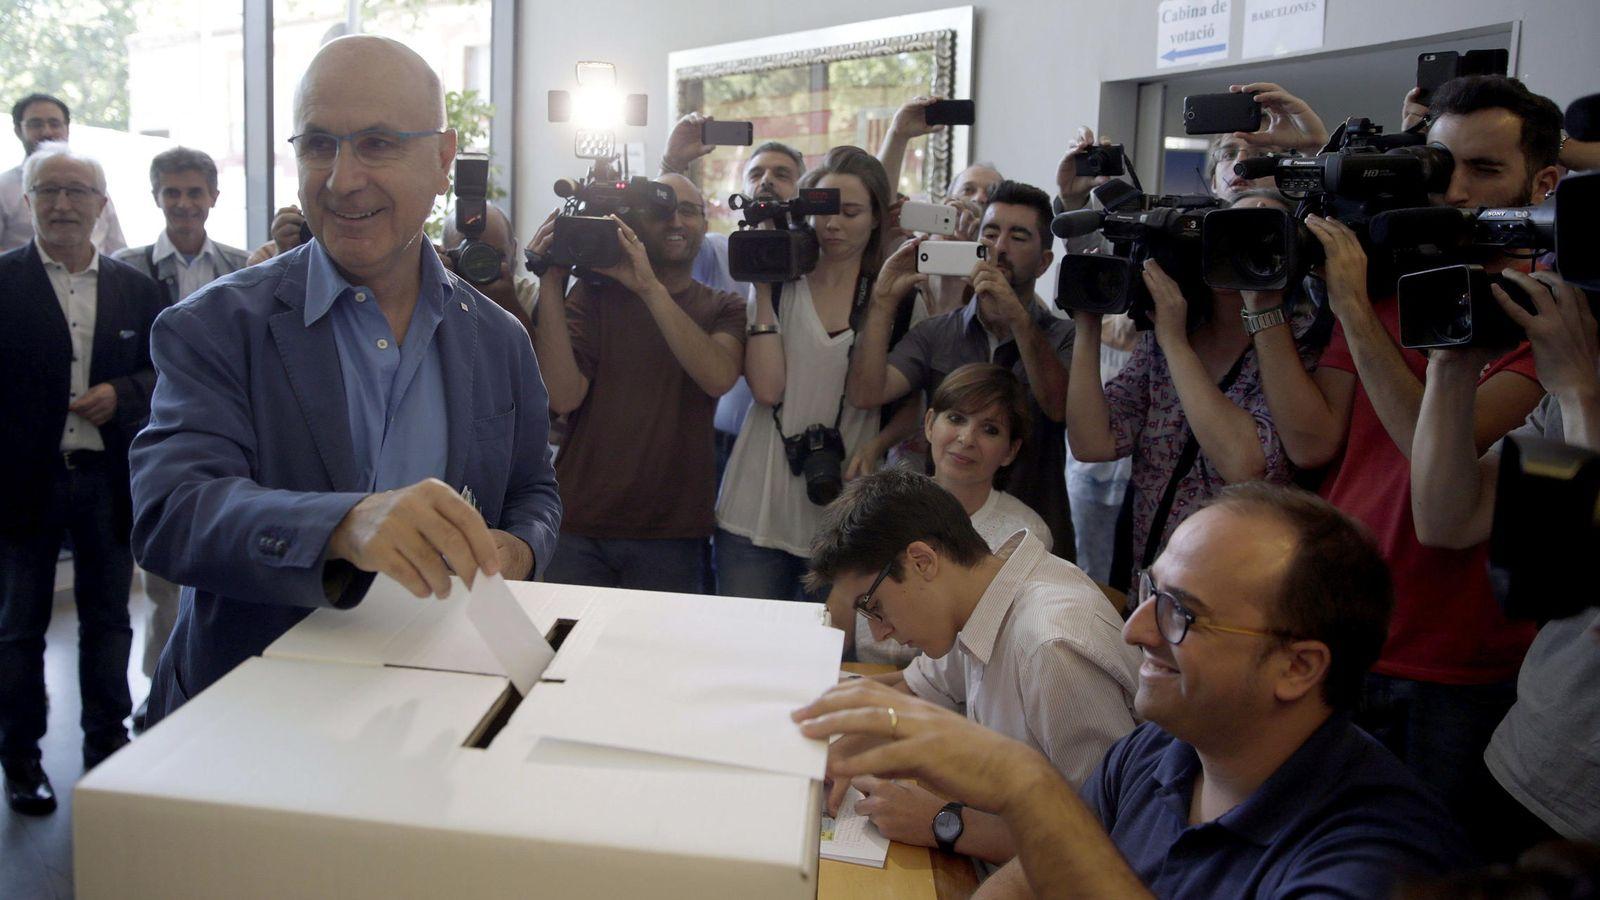 Foto: El presidente de Unió, Josep Antoni Duran Lleida, deposita su voto en el referéndum del partido. (EFE)